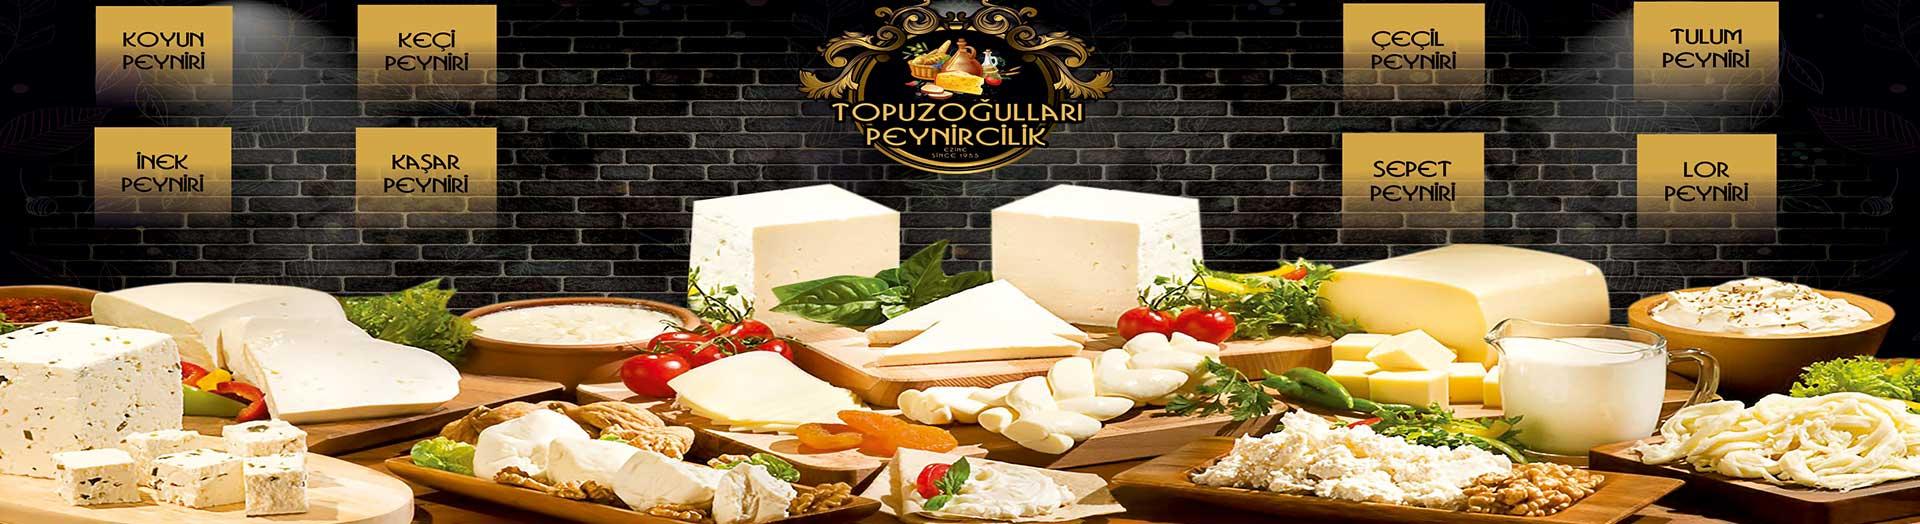 ezine peyniri topuzoğulları doğal ürünler köy ürünleri en iyi ezine peyniri